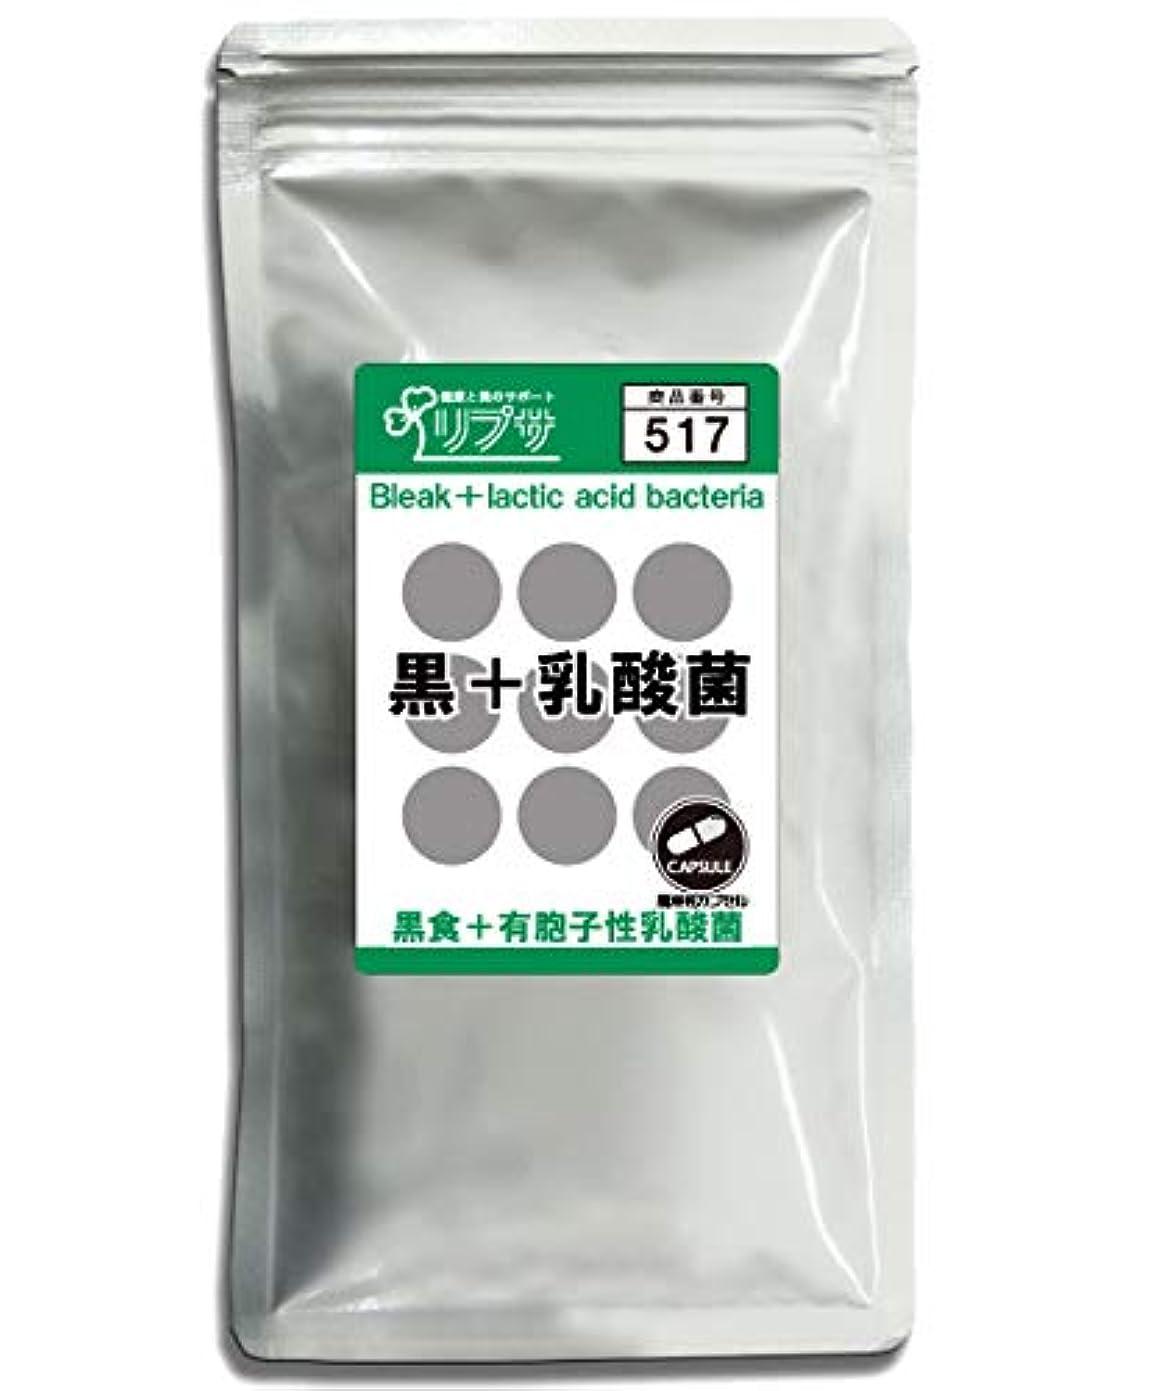 トラップ羽受益者黒+乳酸菌 約3か月分 C-517